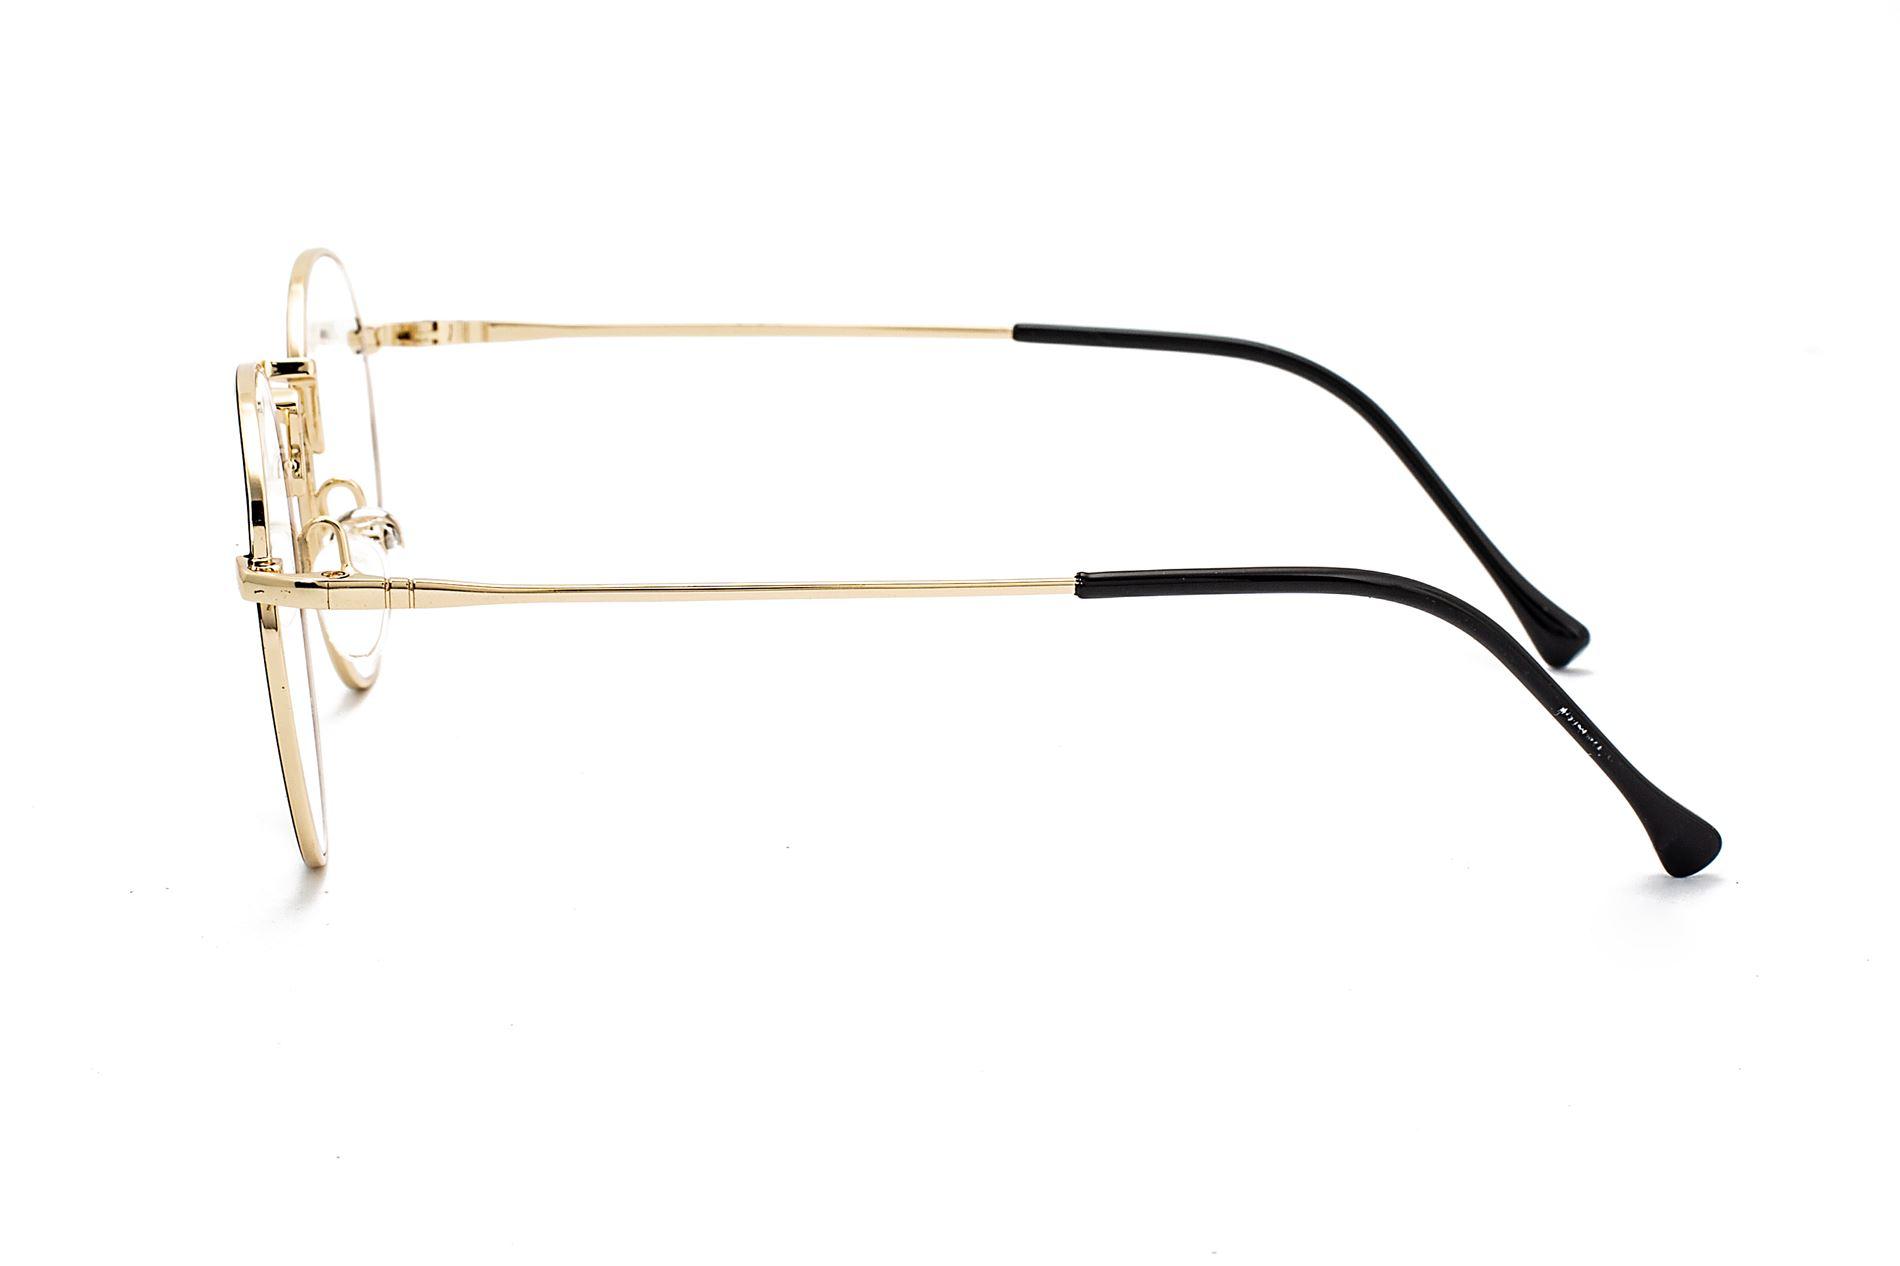 抗藍光眼鏡含無度數鏡片 66006-C63